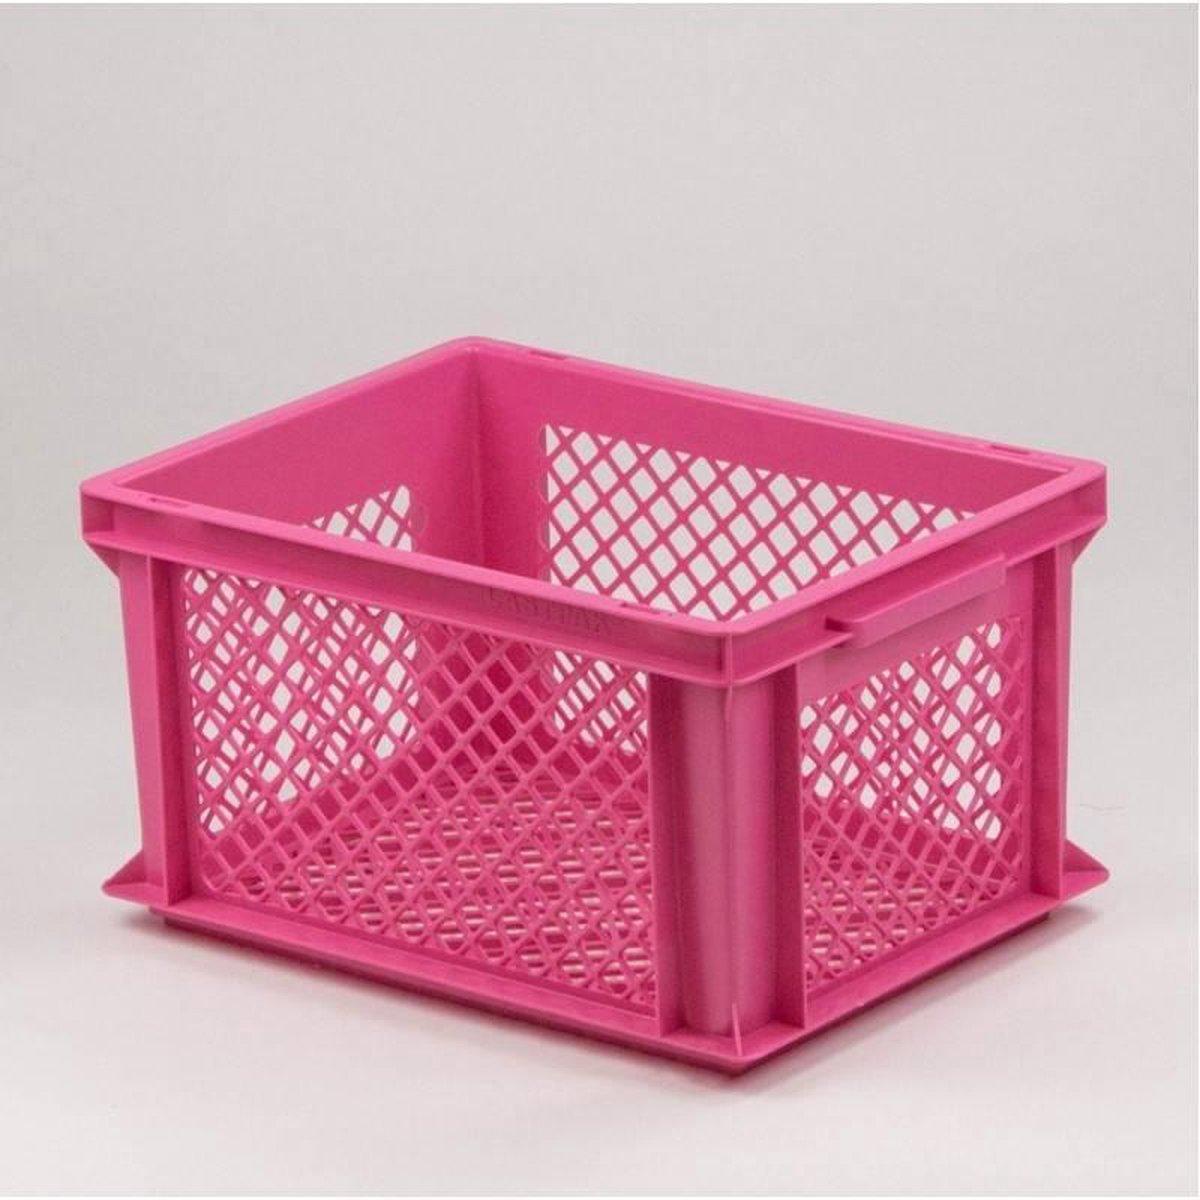 Fietskrat Kunststof Roze M - prima krat voor opvallend lage prijs - Lastpak